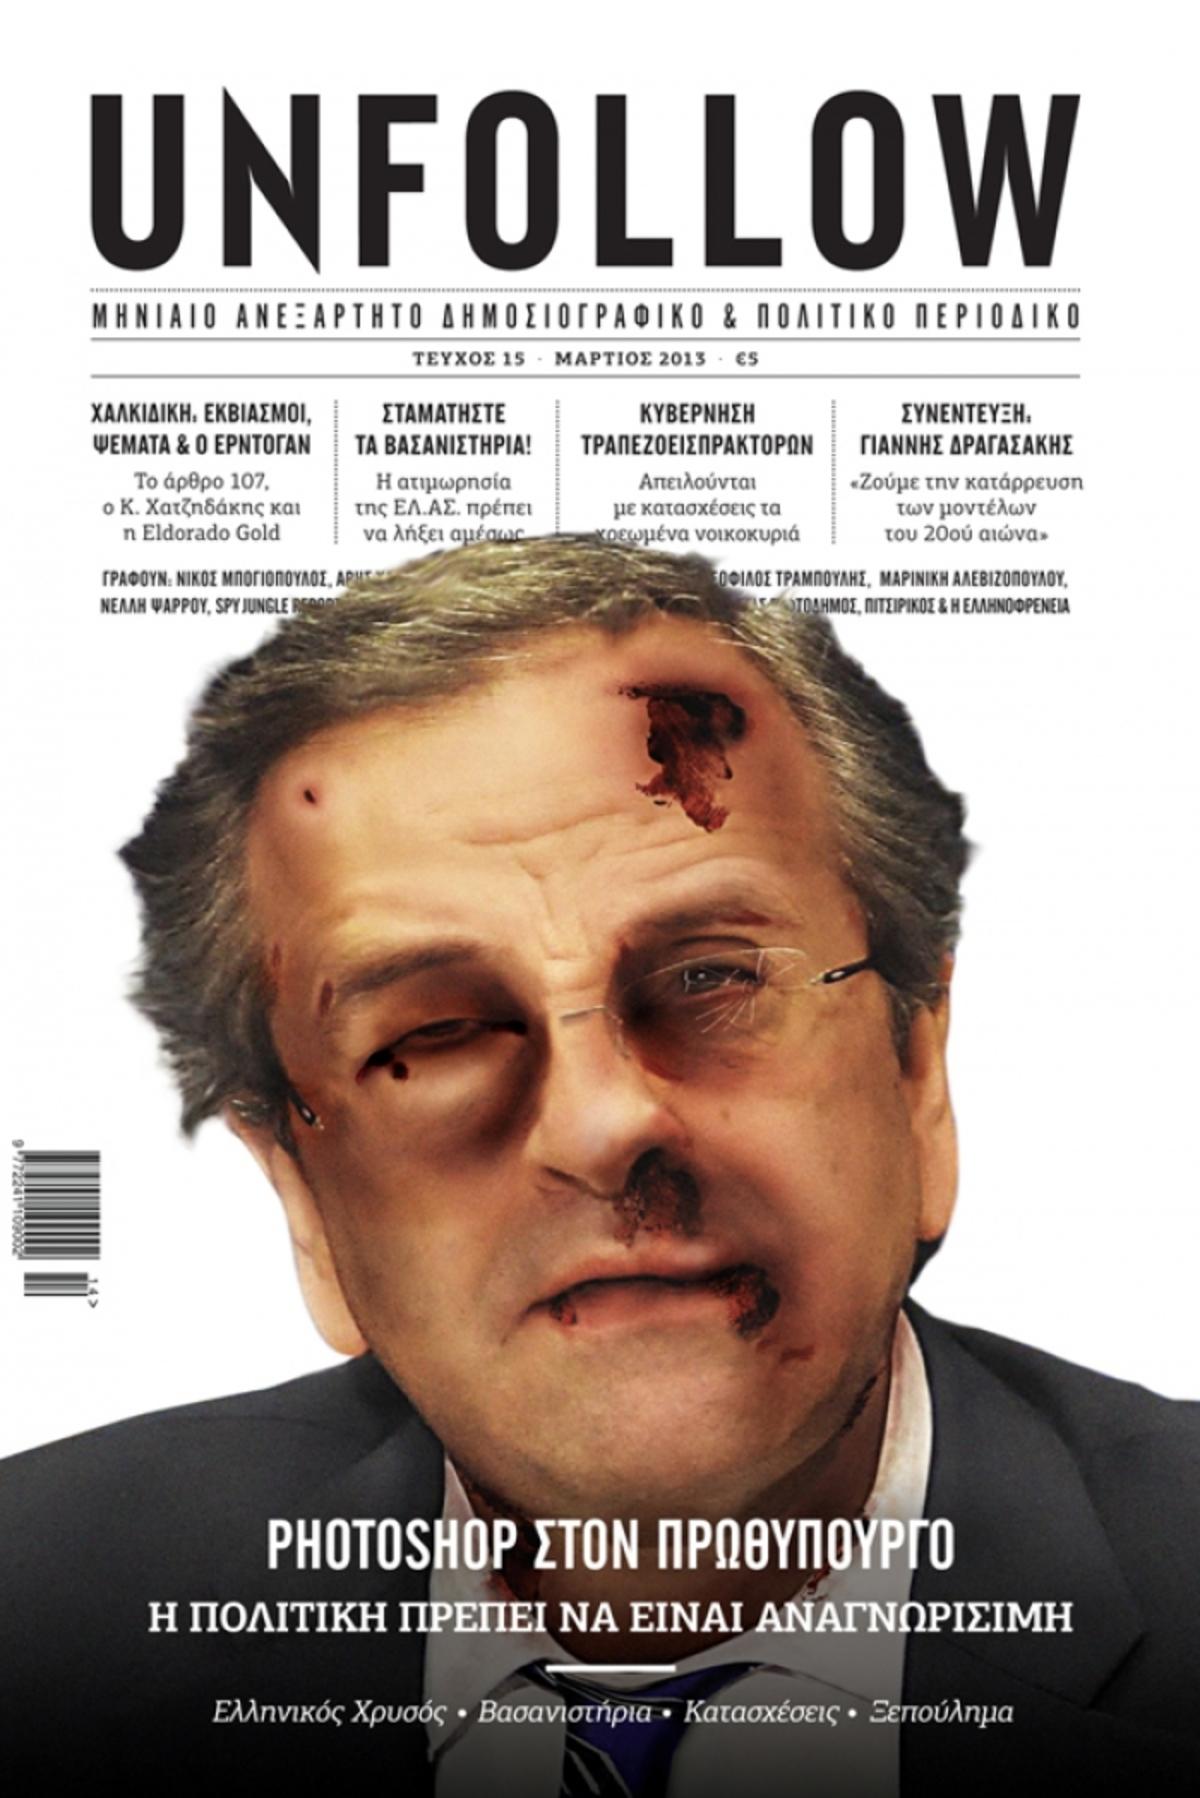 Ο Άδωνις ζητά παρέμβαση εισαγγελέα για τον «κακοποιημένο Σαμαρά» | Newsit.gr